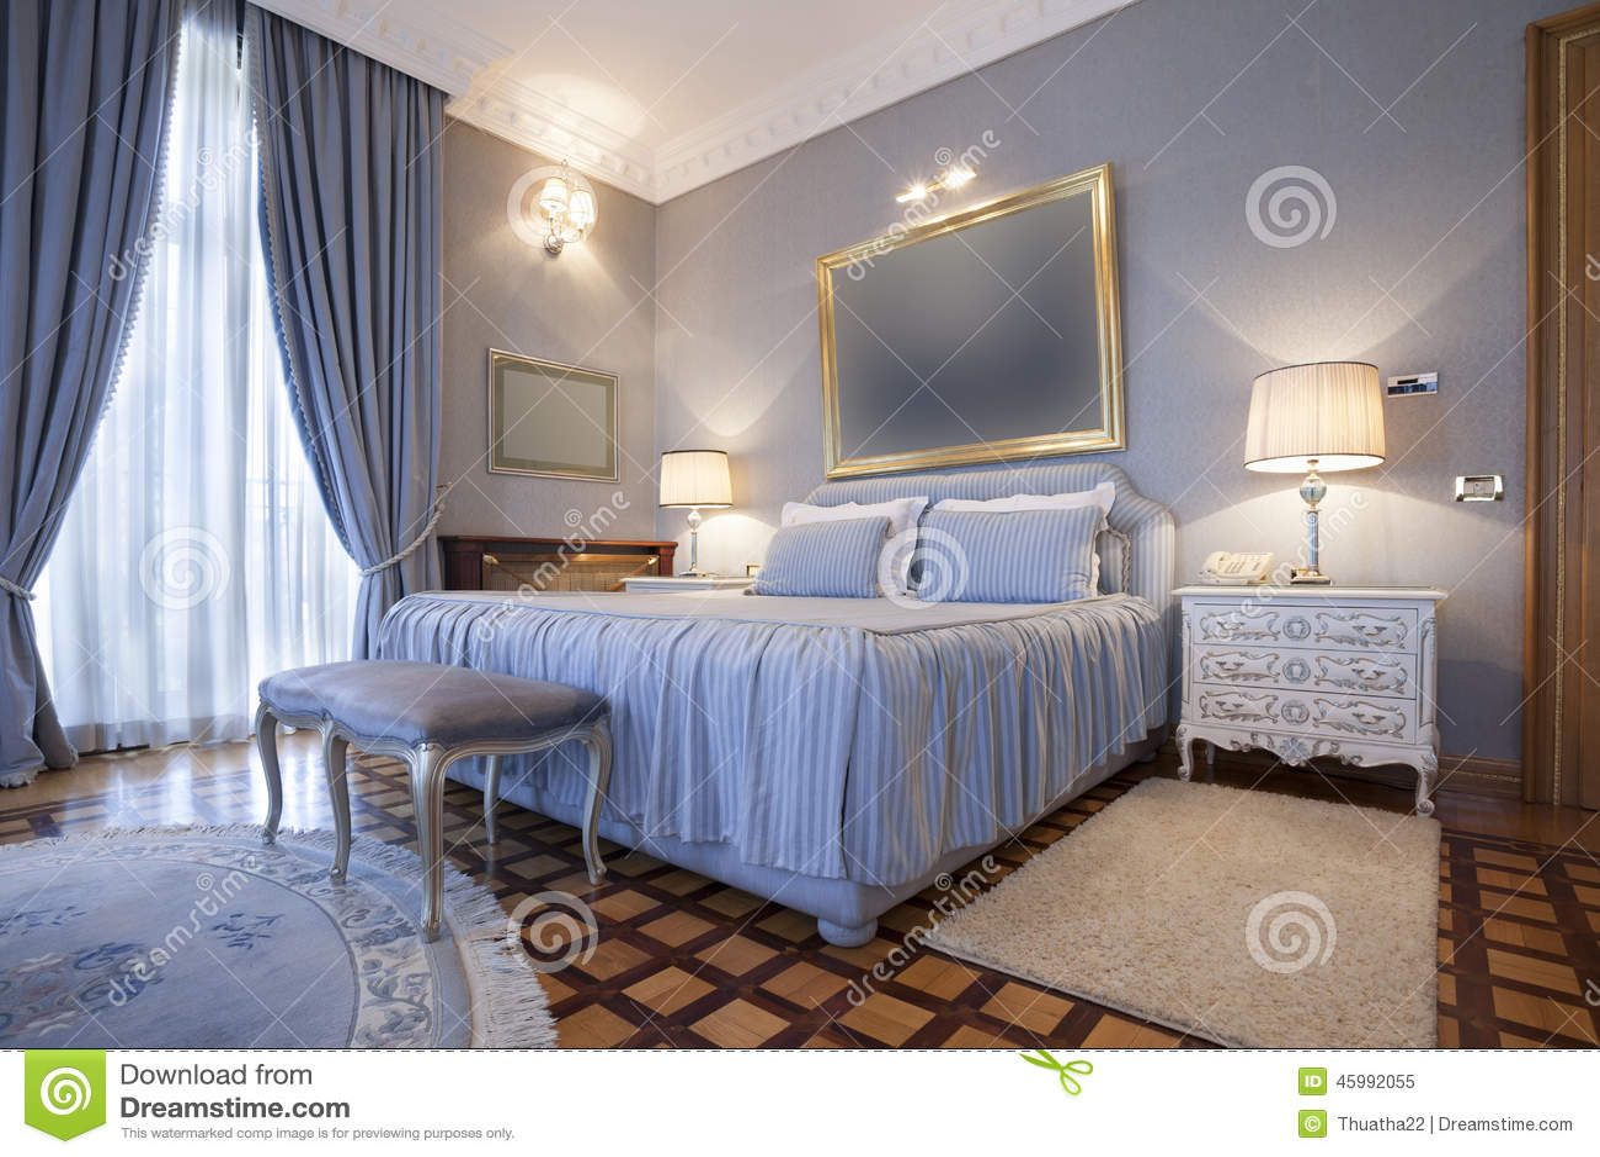 Interni Villa Di Lusso : Interno di una camera da letto classica di stile in villa di lusso